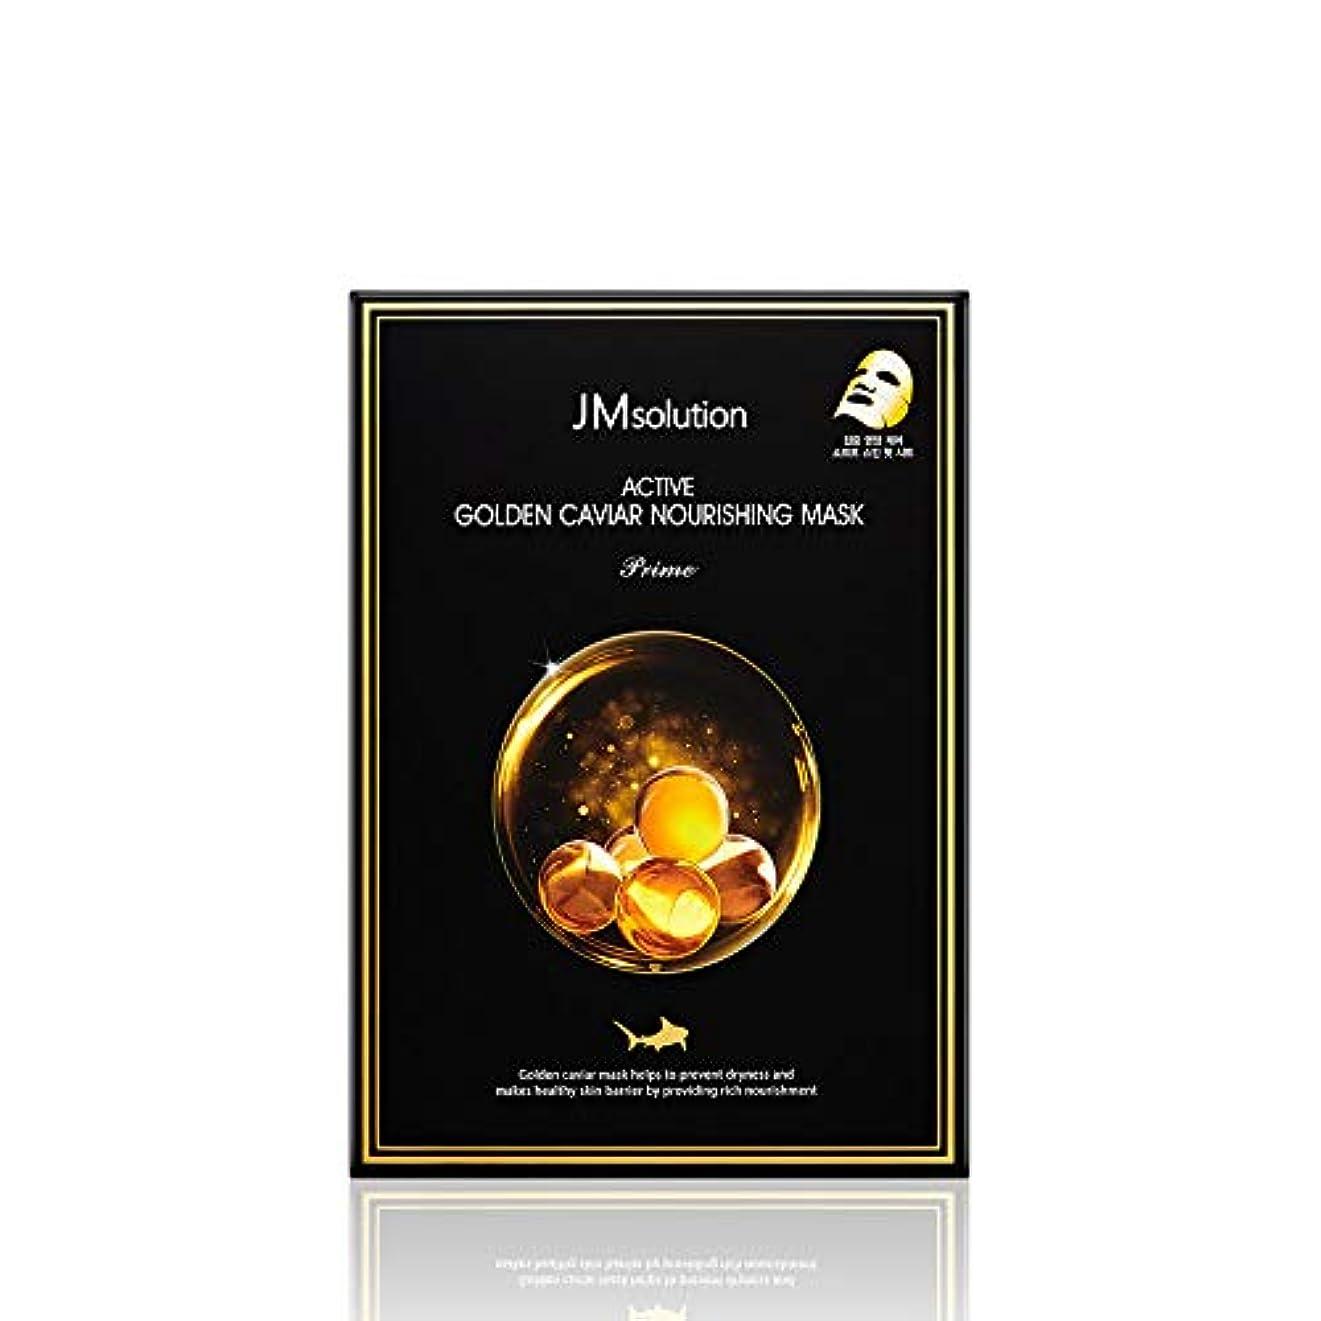 物理的にフロント効能JMソリューション(JM Solution) 乾燥肌のためのアクティブゴールデンキャビア栄養マスクプライム 30mlx10P / Active Golden Caviar Nourishing Mask Prime For...